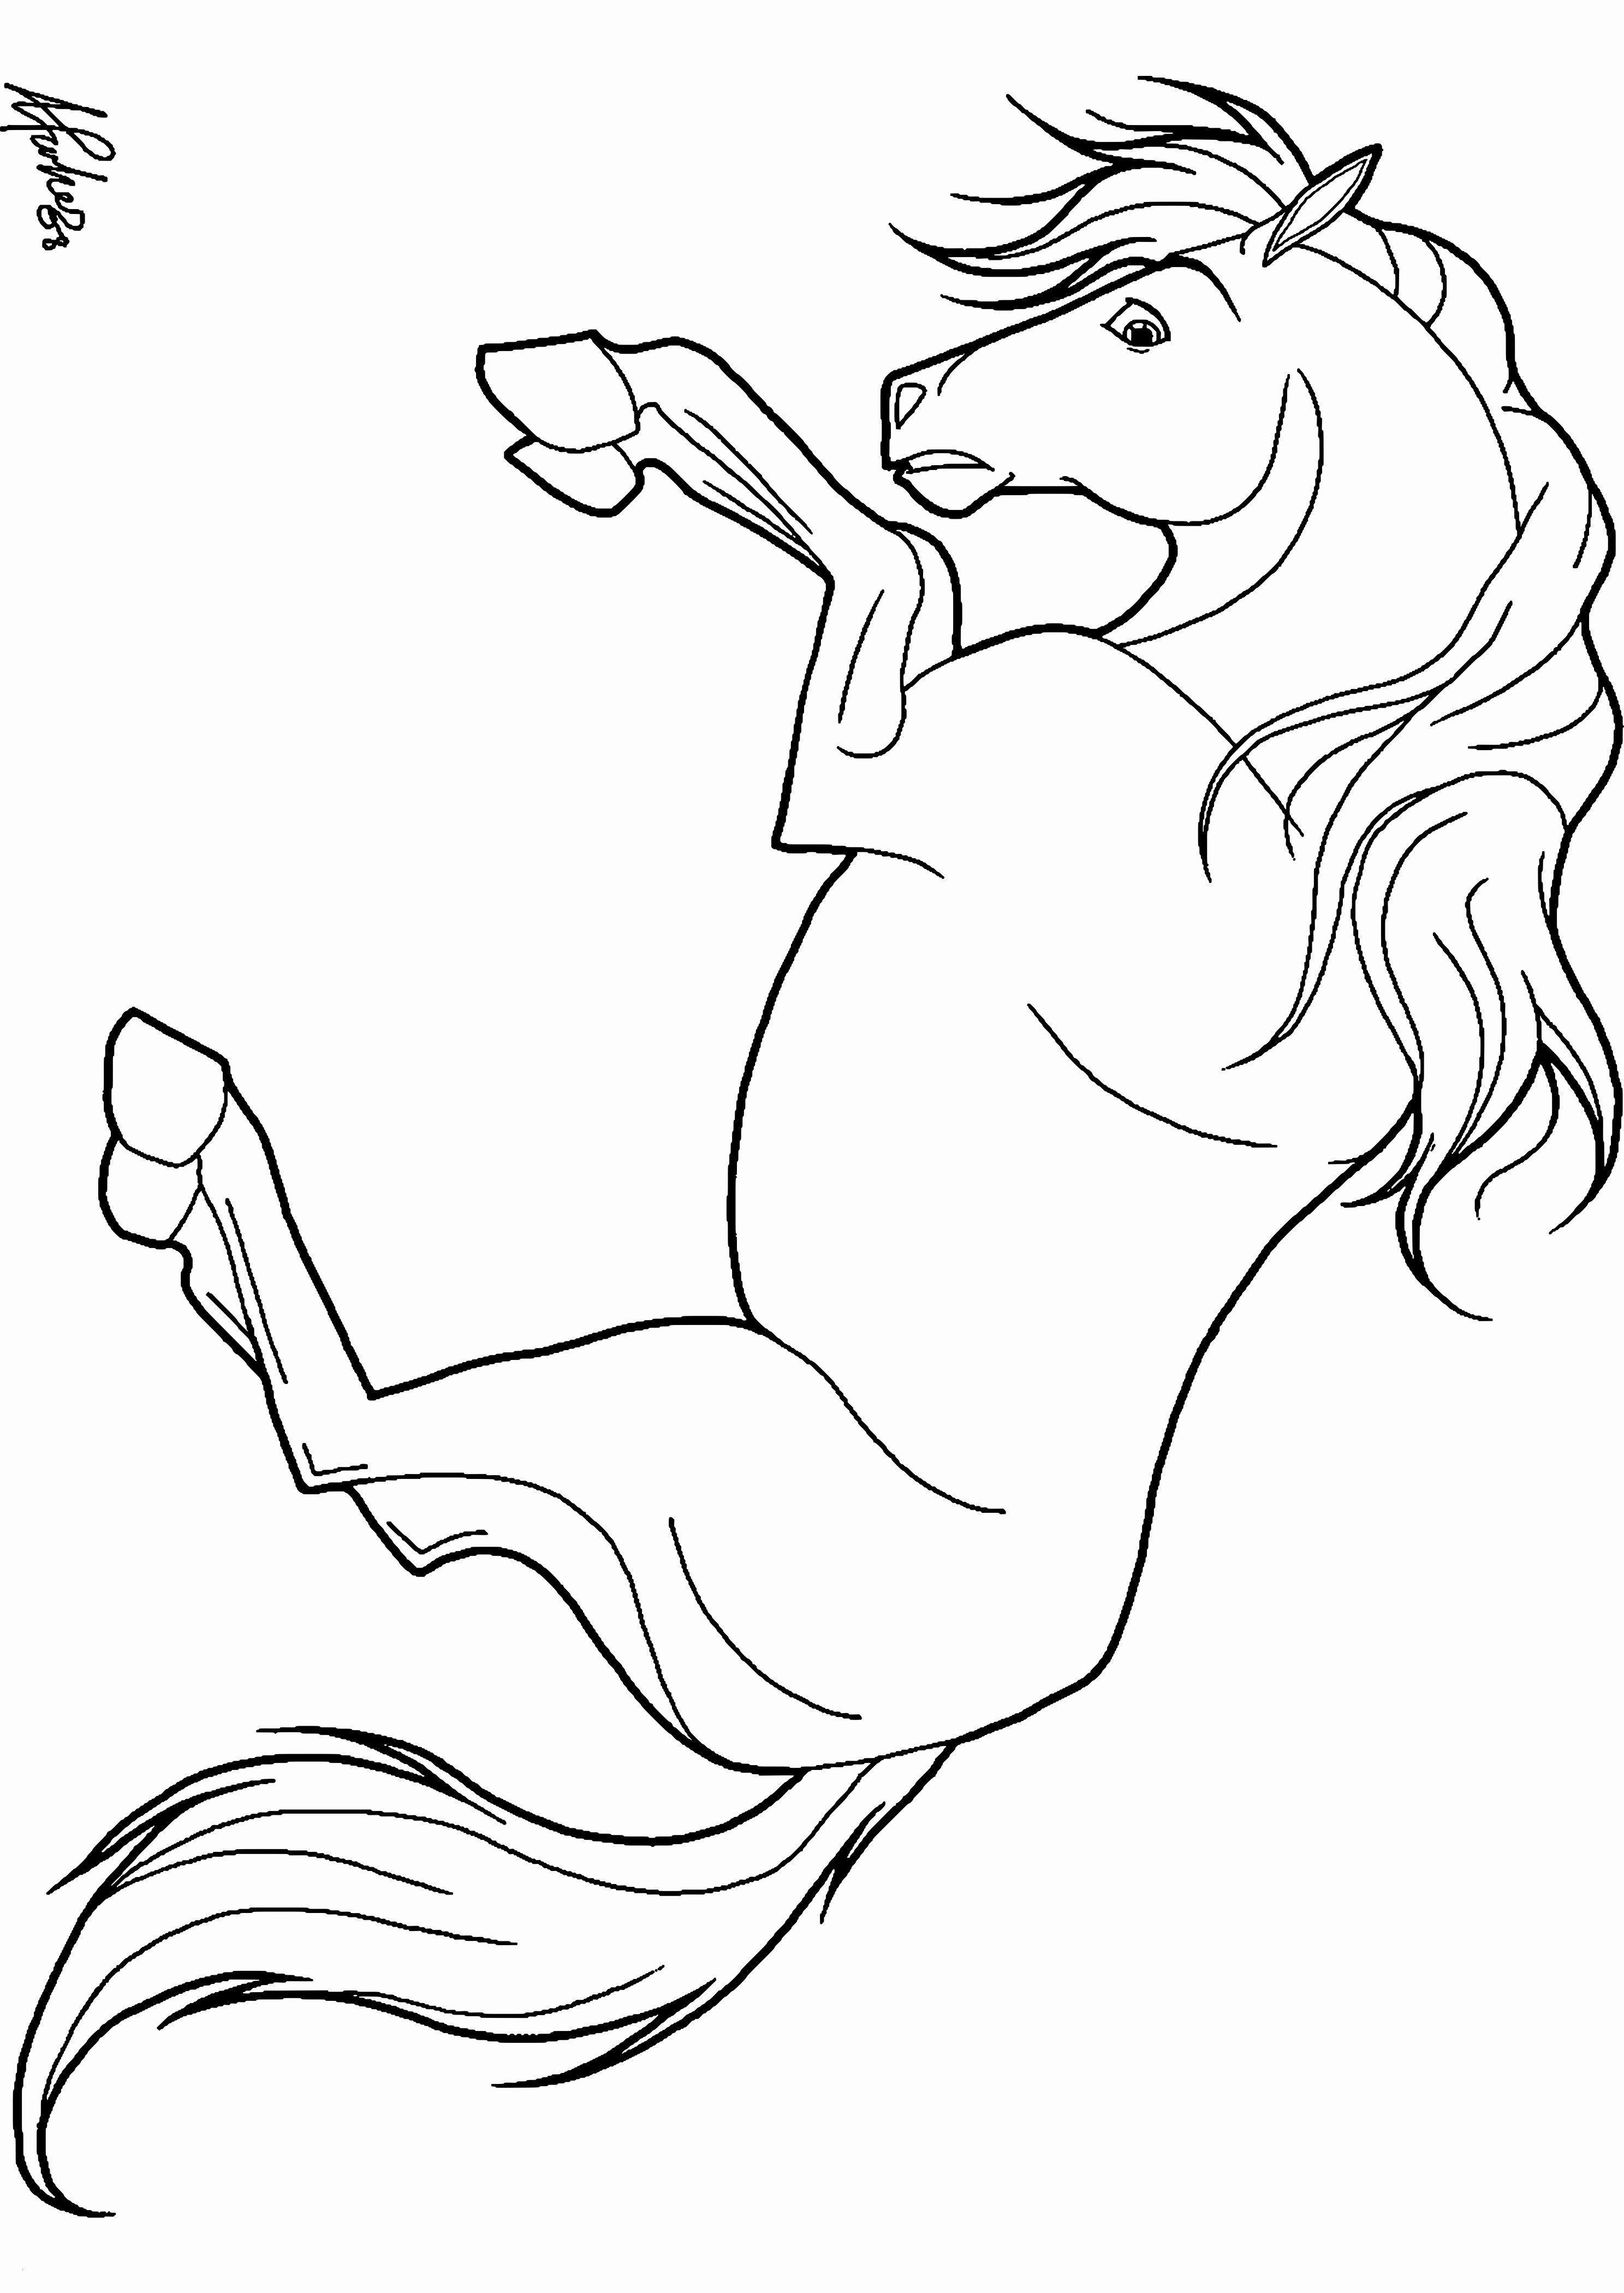 Unique Ausmalbild Pferd Mit Fohlen  Ausmalbilder pferde